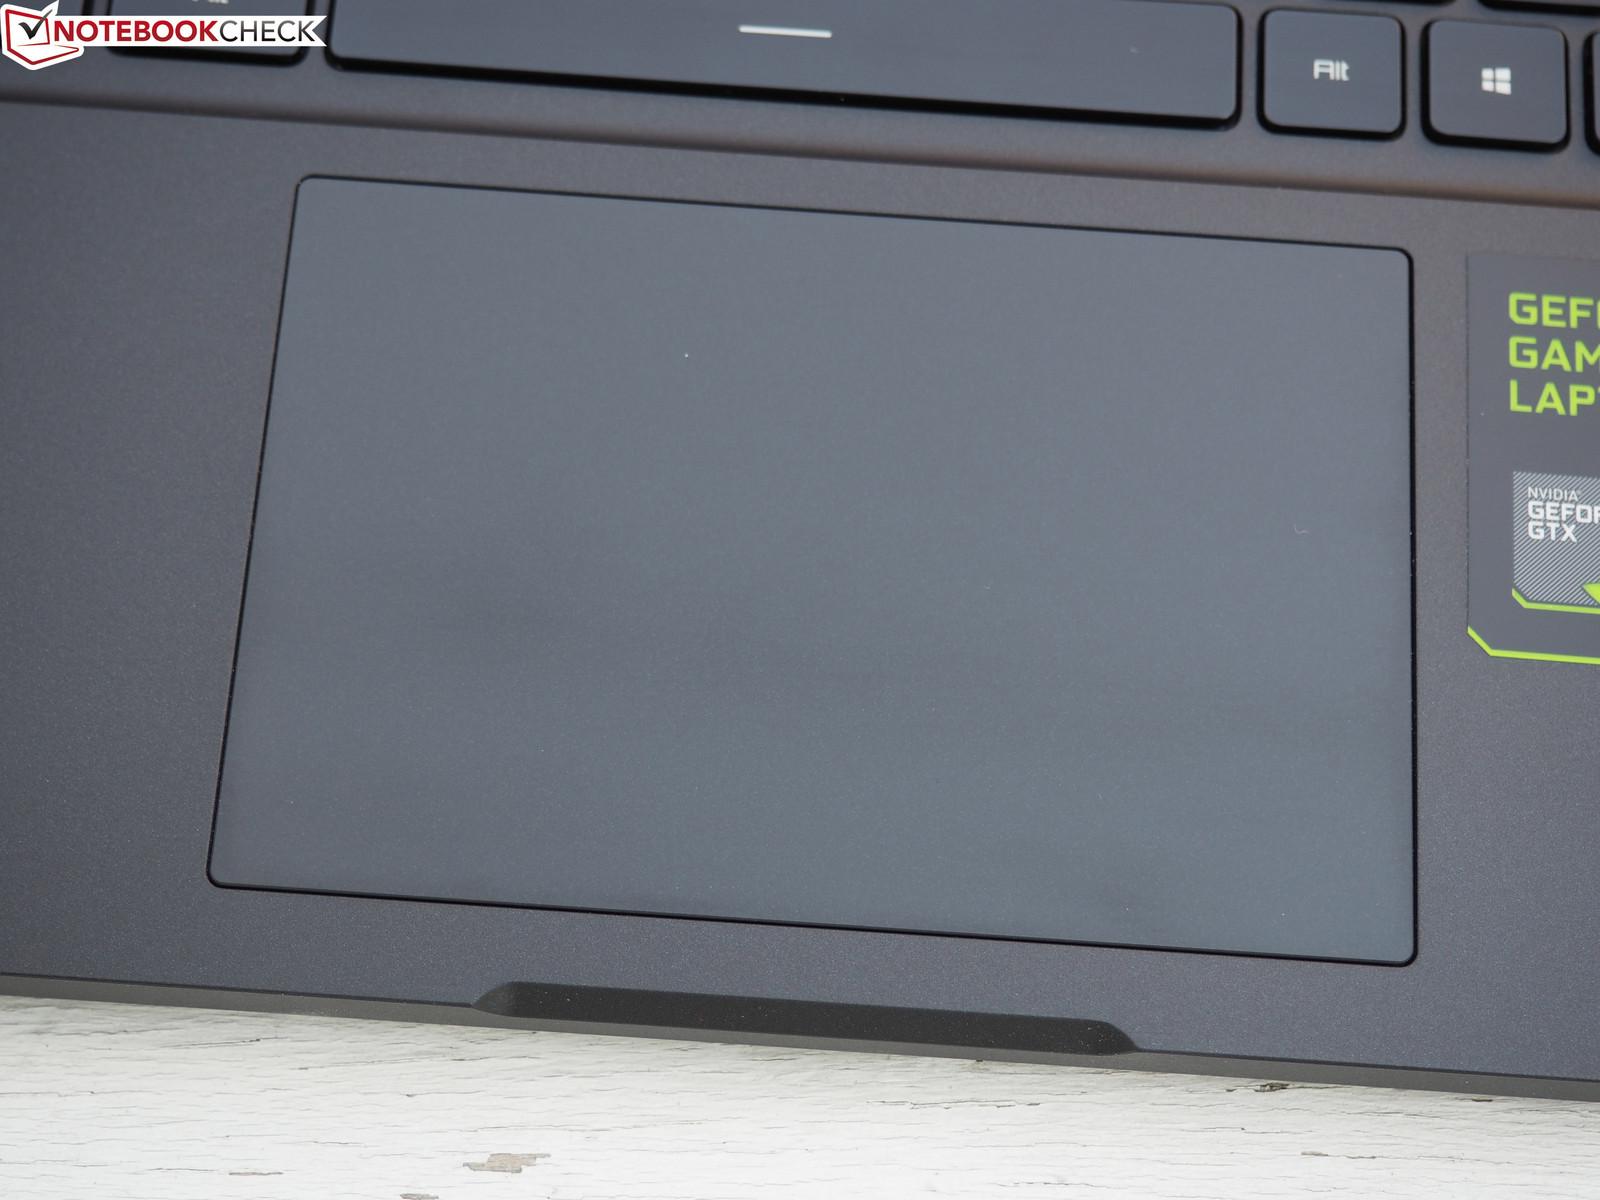 Test Xiaomi Mi Gaming Laptop Einstieg Mit Gtx 1050 Ti Und I5 Asus Zb45 Auch Bei Der Tastatur Dem Touchpad Schlieen Wir Uns Ersten An Die Gefllt Sehr Gut Nur Links Positionierten Zusatztasten